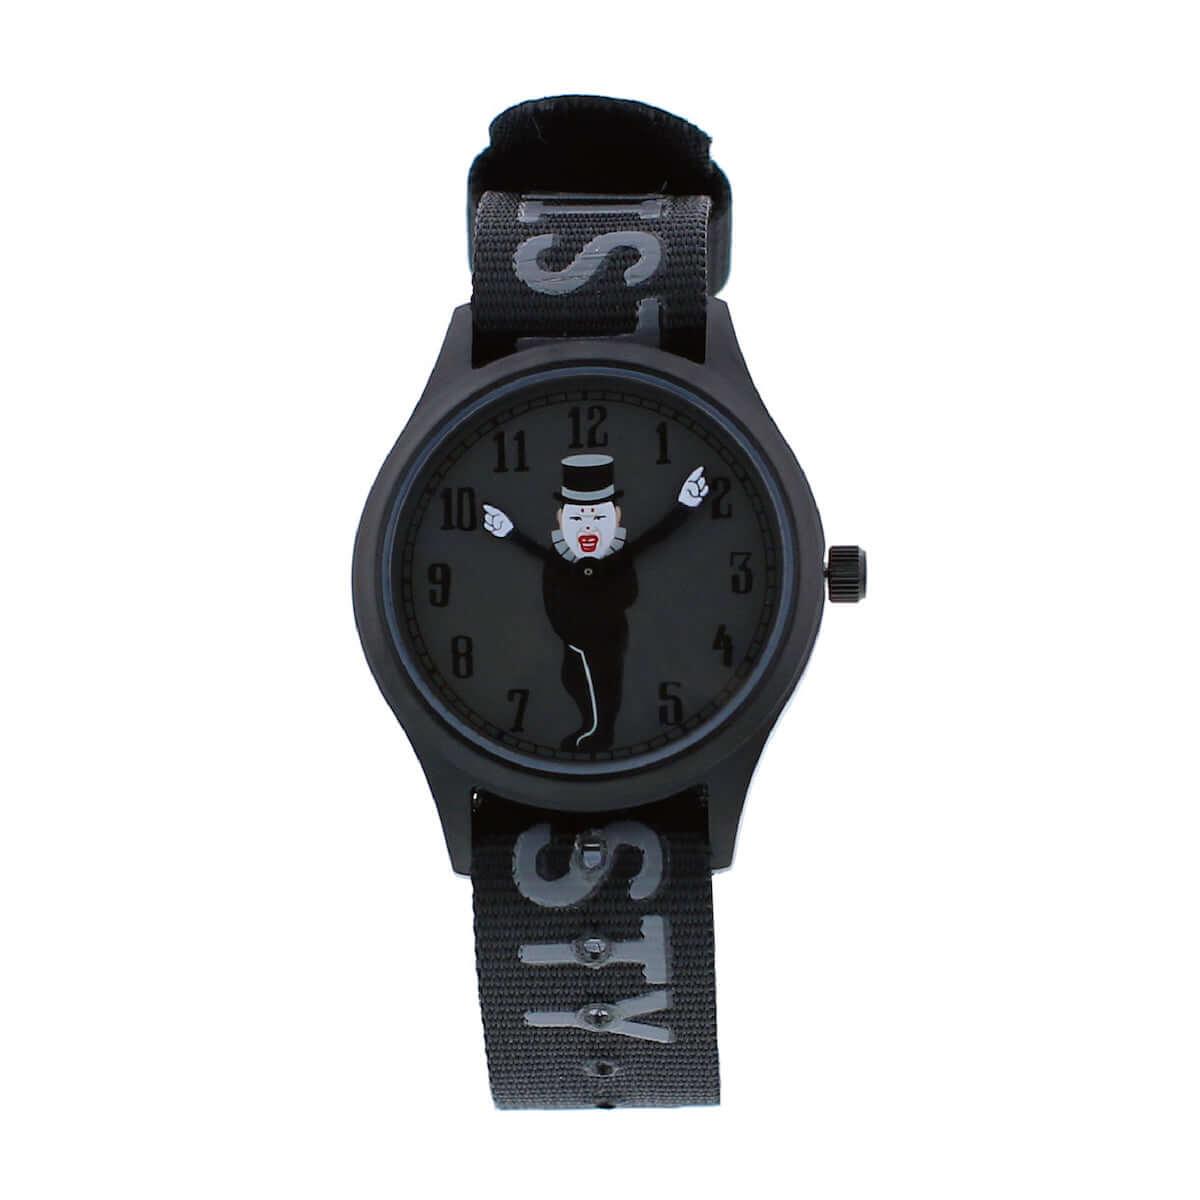 腕時計「TiCTAC」と野生爆弾くっきーのコラボ「ミスティ」と「バランスおじさん」の2種が限定発売 art-culture190109-tic-tac-4-1200x1200